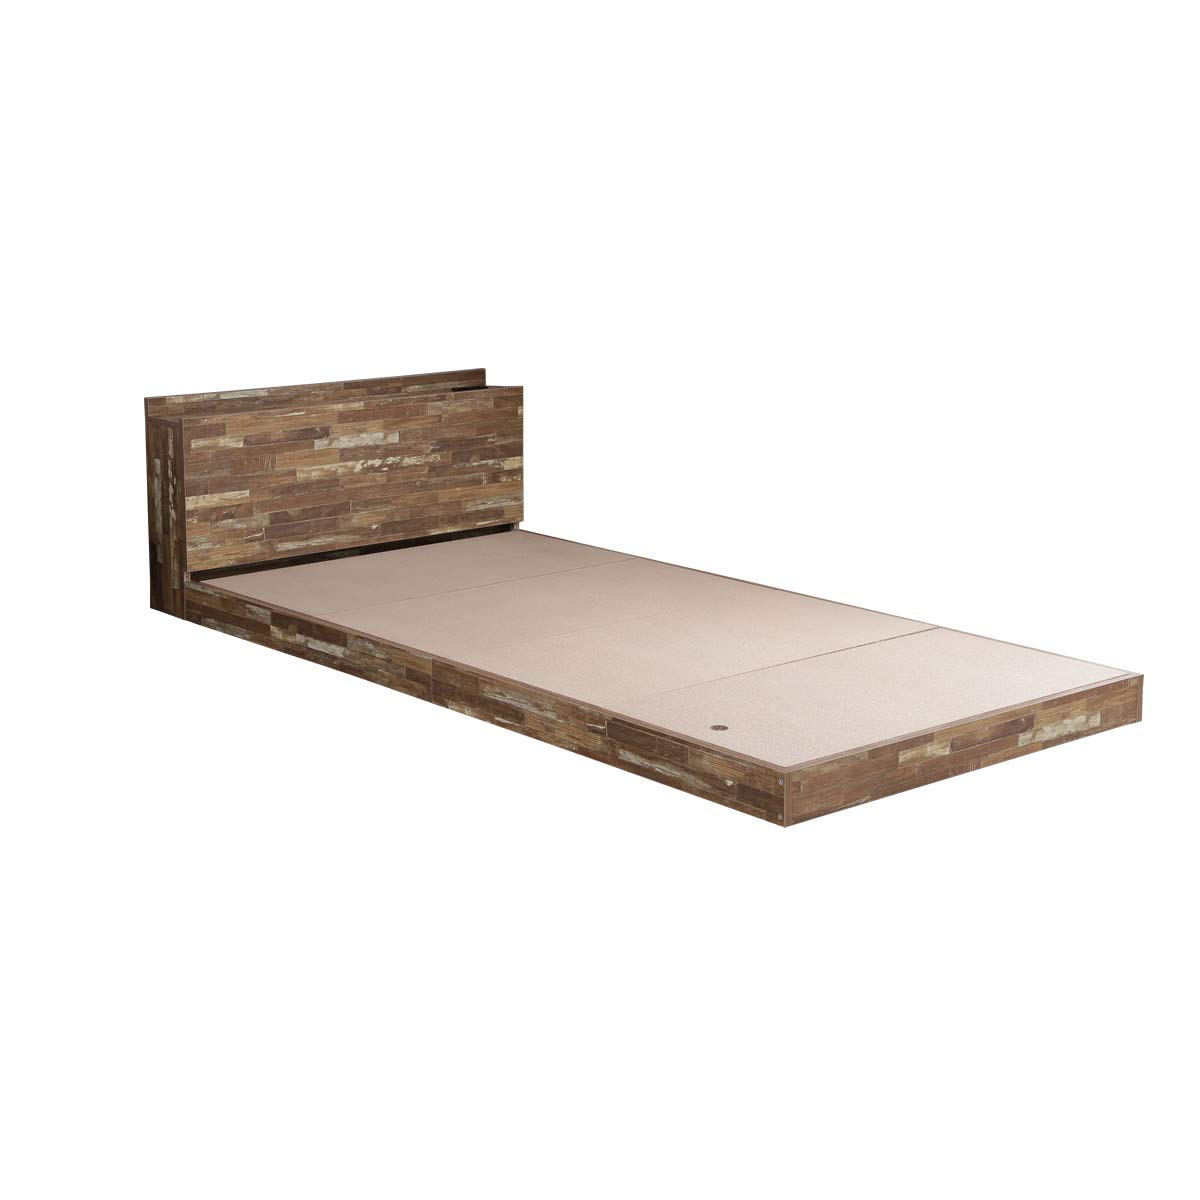 ダークブラウン【フレームのみ】/【シングル】 ベッド シングルベッド ベッドフレーム フレーム 収納 収納付き ベッド下収納 大容量 引き出し ロー フロアき B01N9F76XX ダークブラウン【フレームのみ】